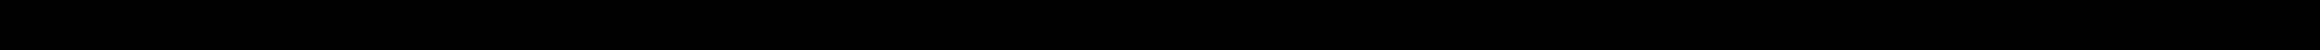 BERU 12 12 1 705 656 Pistikuhülss, süütesüsteem